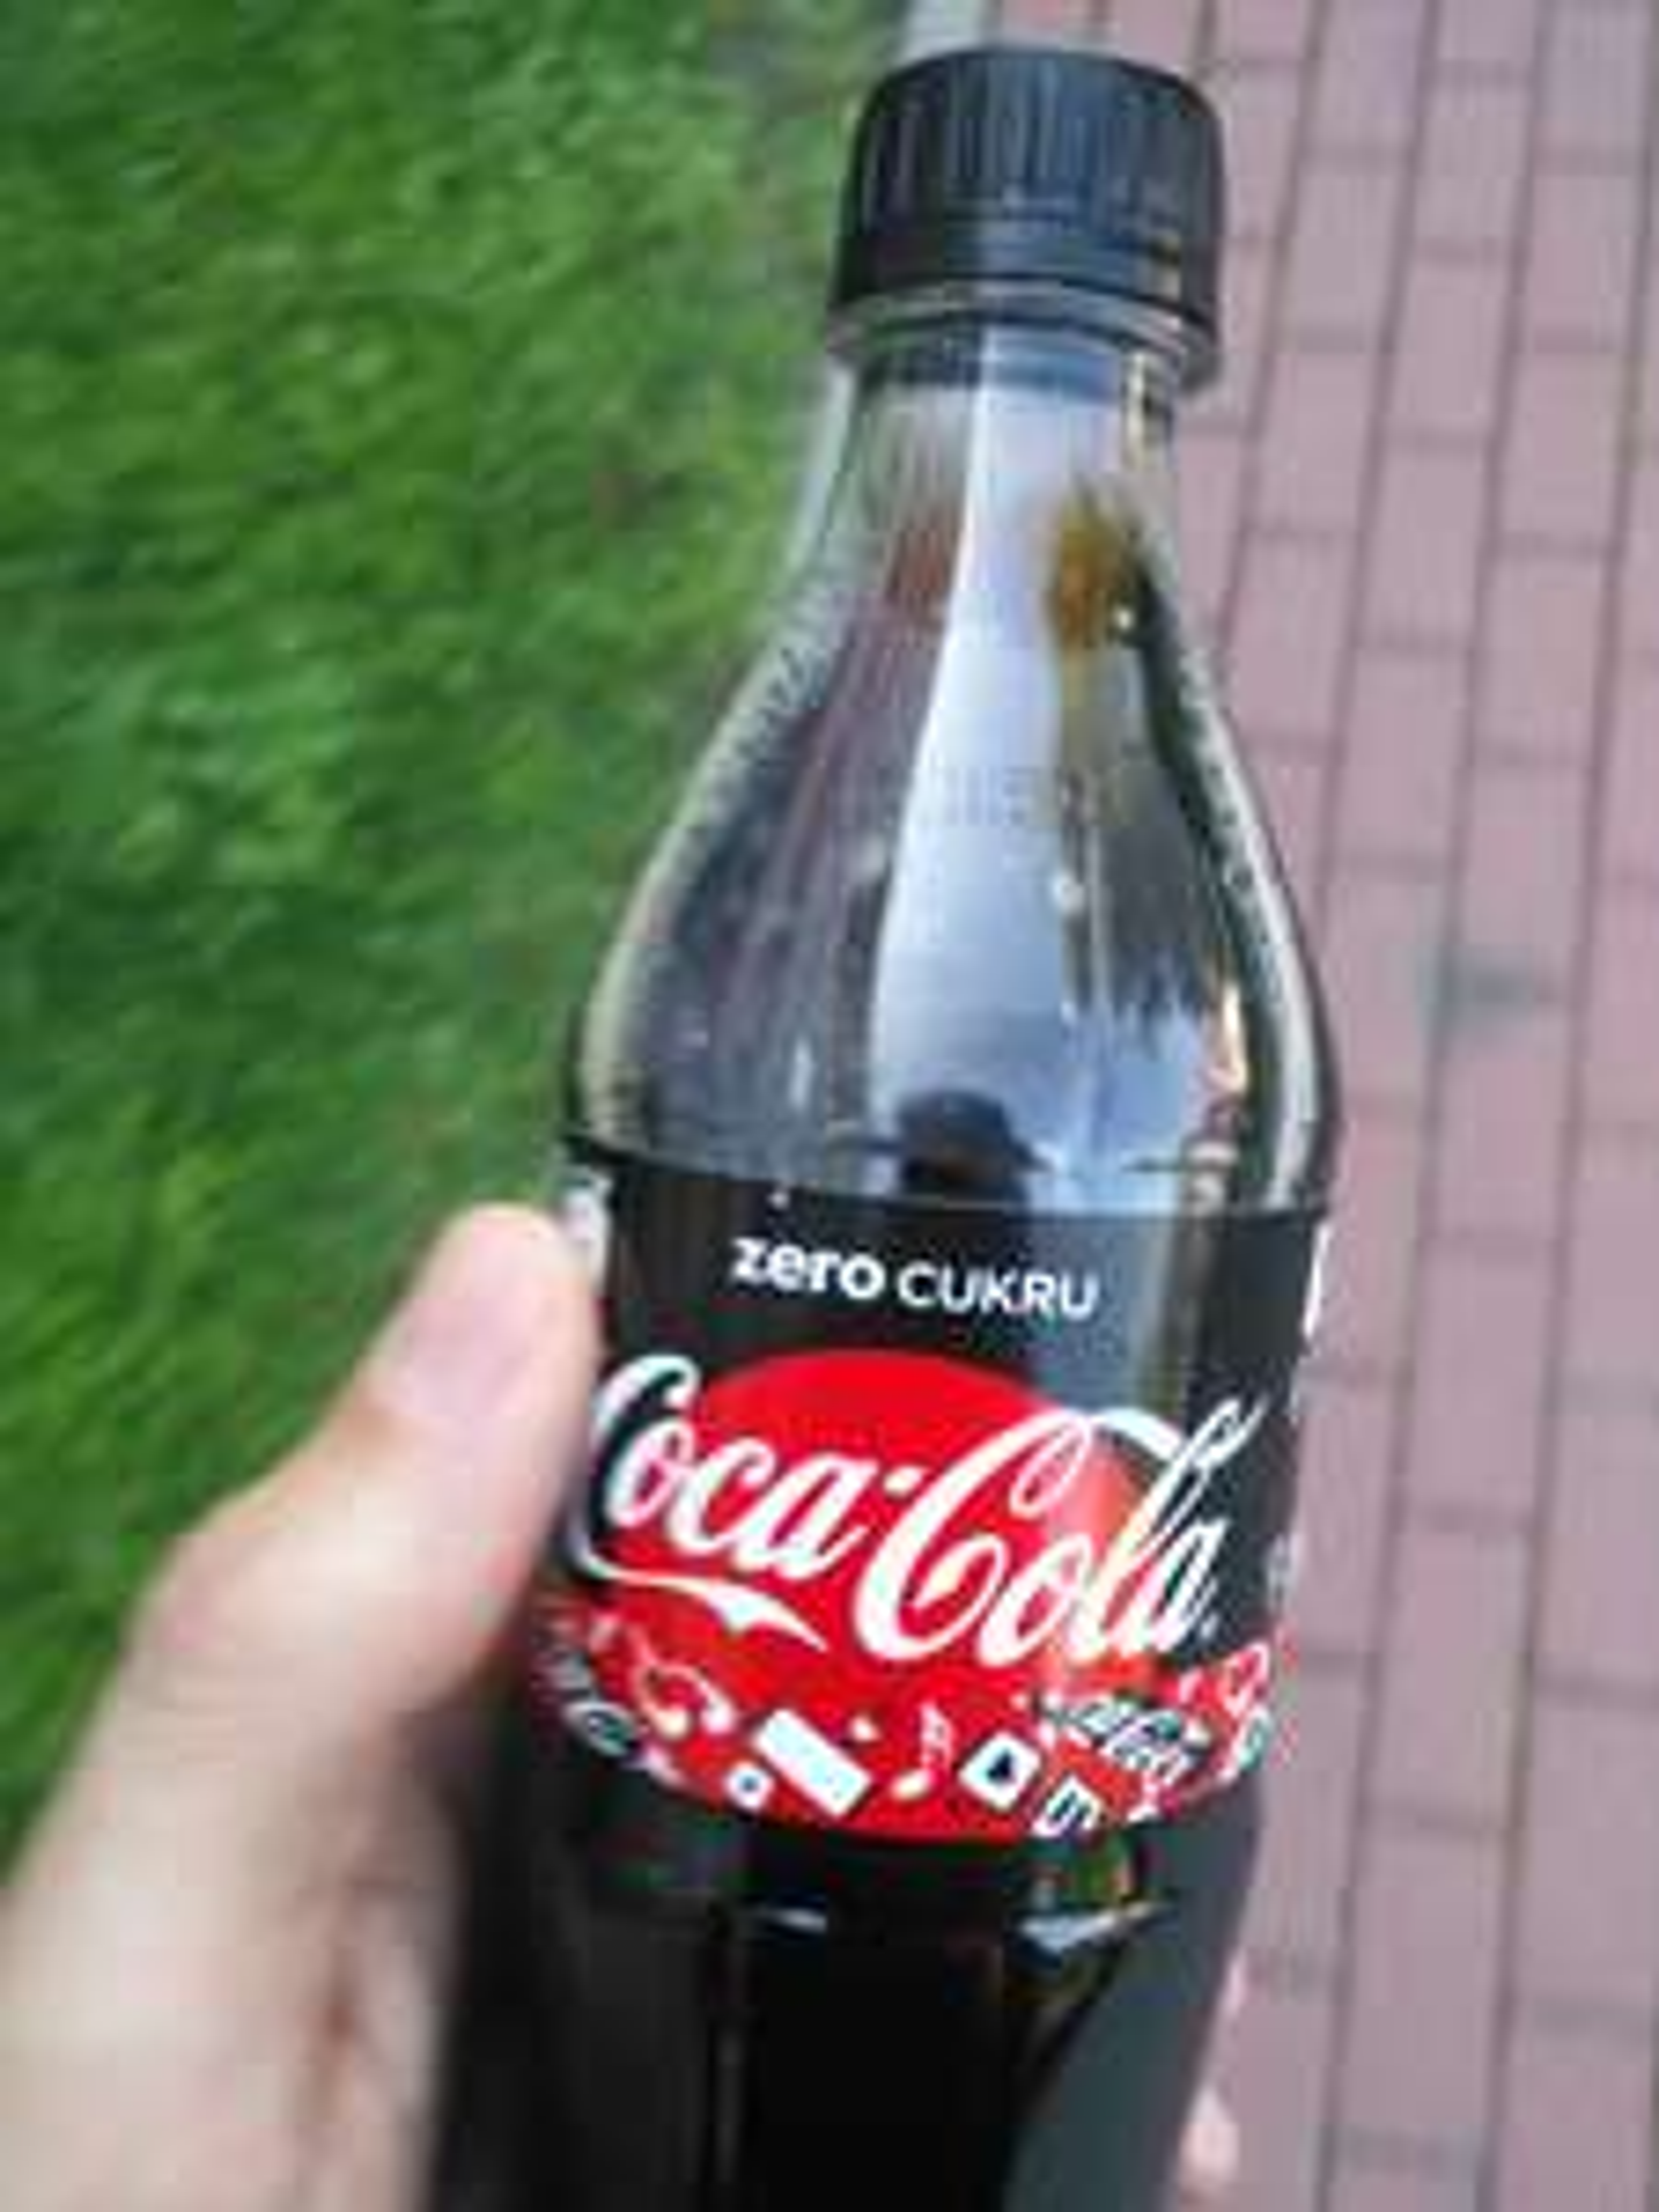 Darmowa cola zero -gliwice politechnika, (przejście dla pieszych żabka-wydział isie)